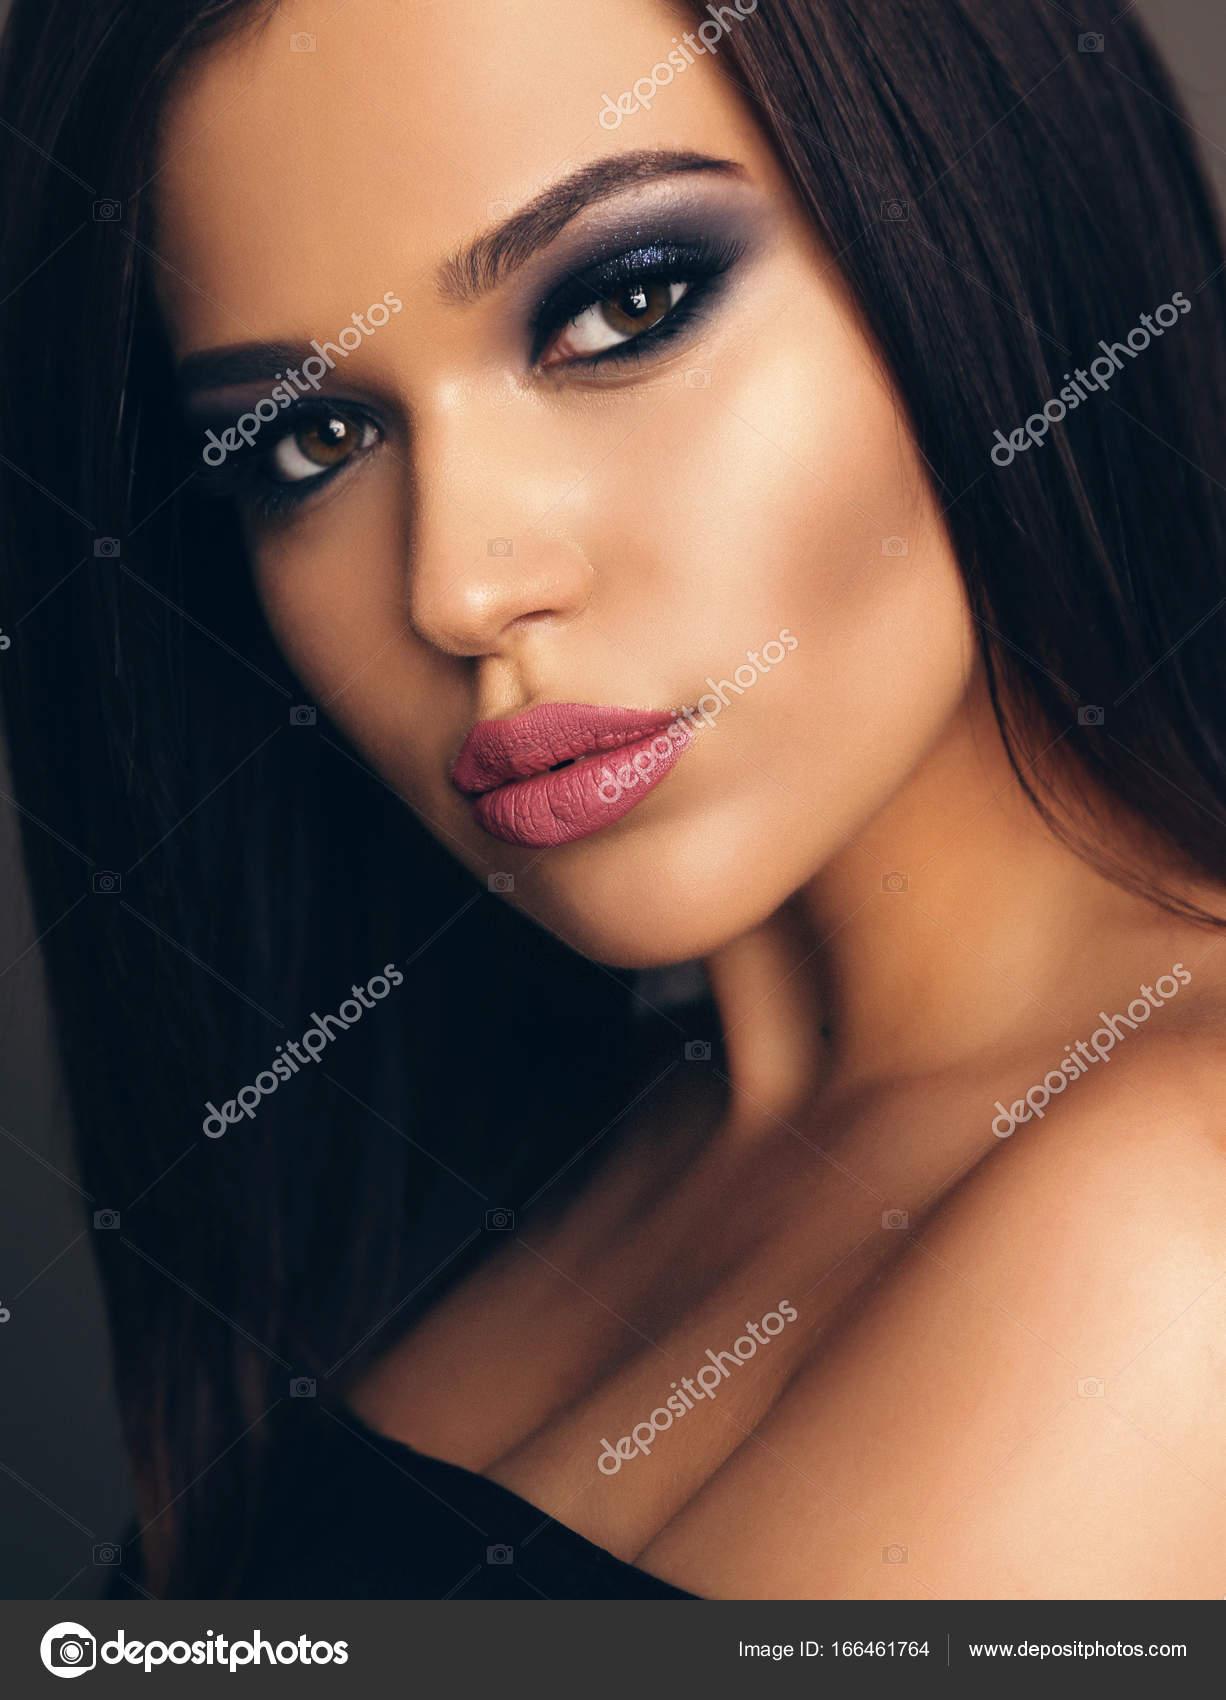 Gorgeous Evening Makeup